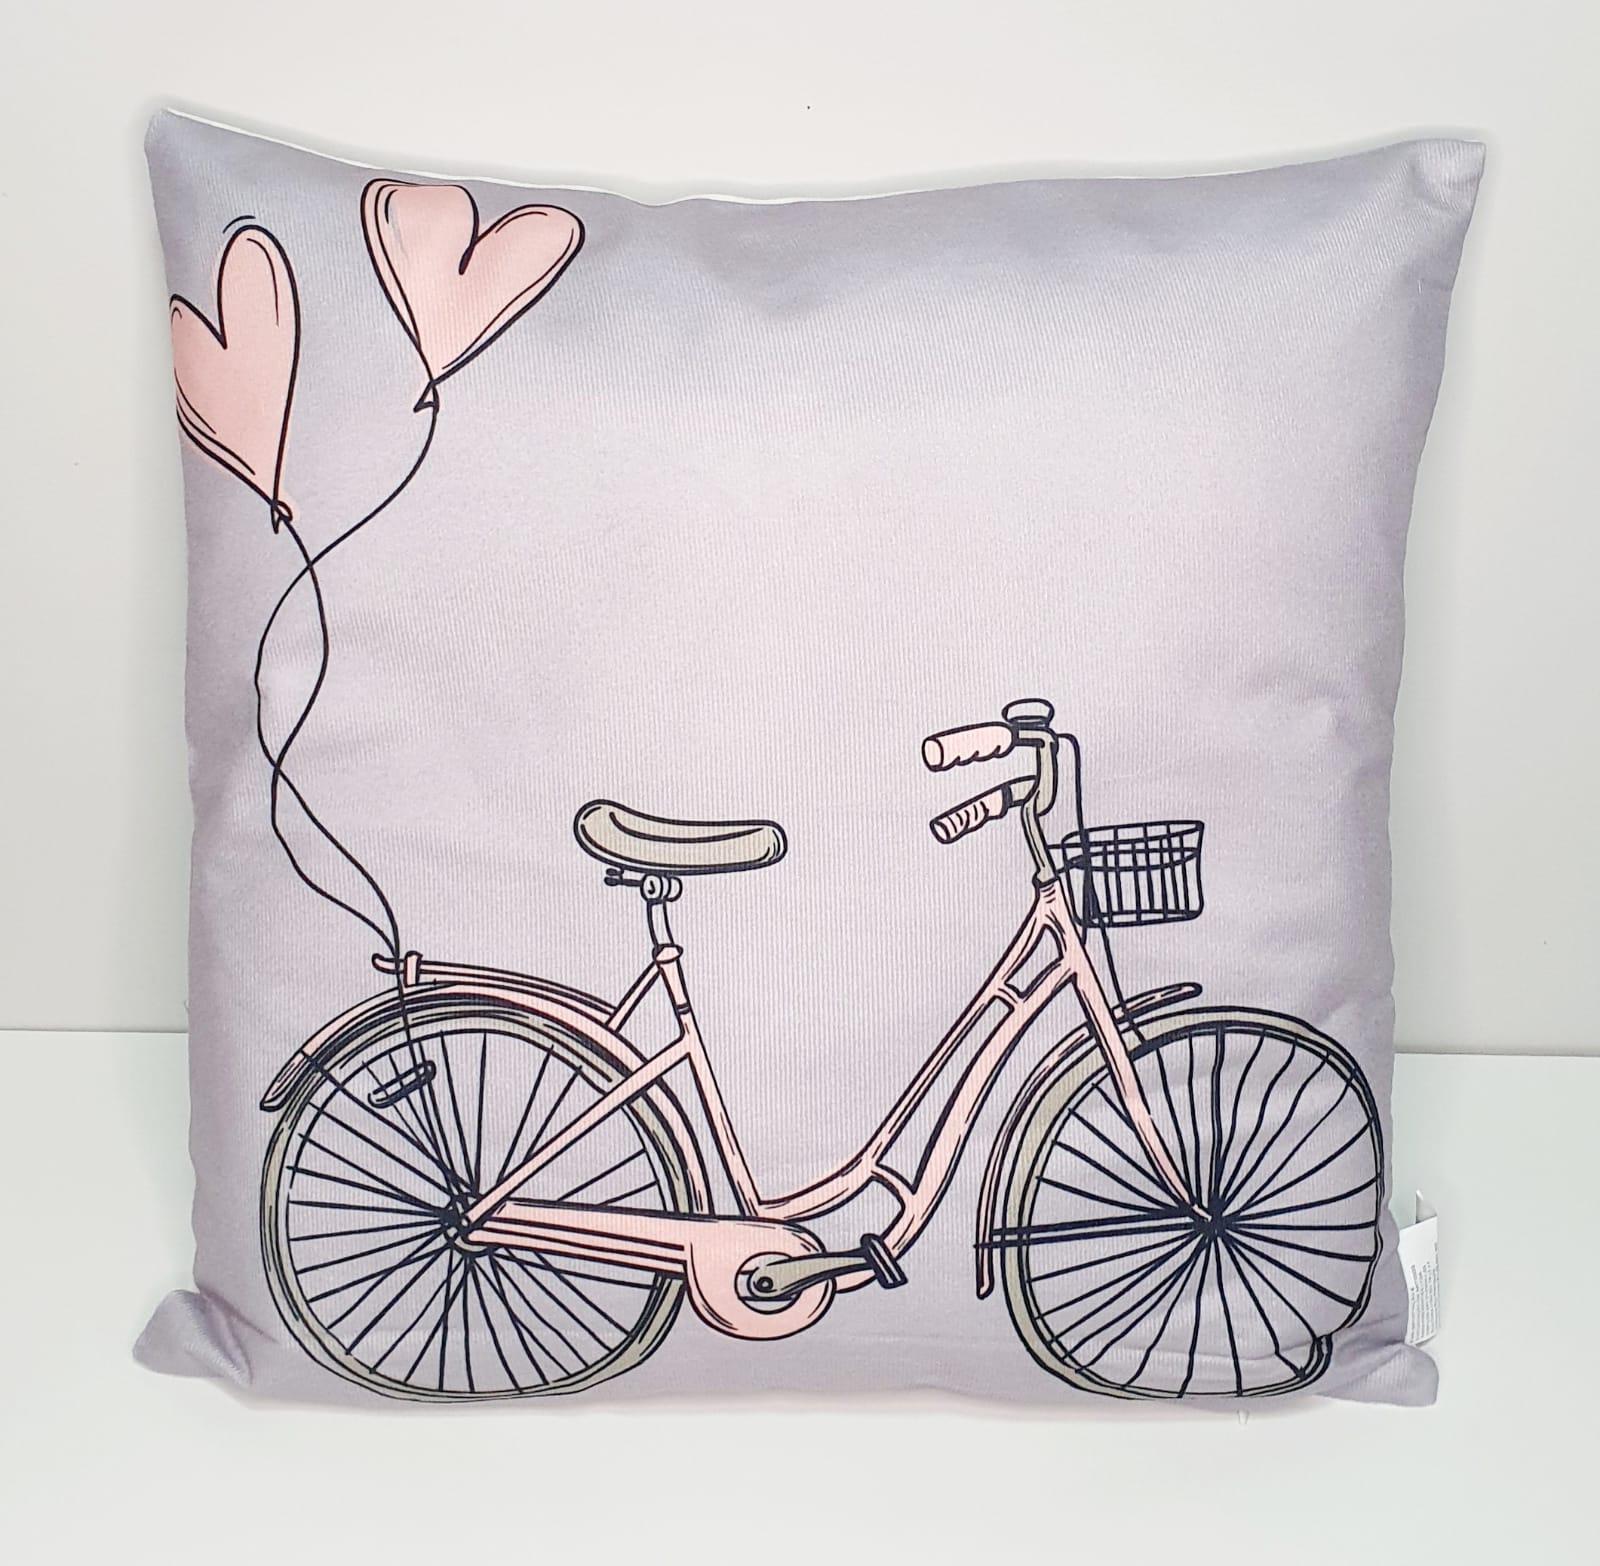 Capa para almofada - Bicicleta